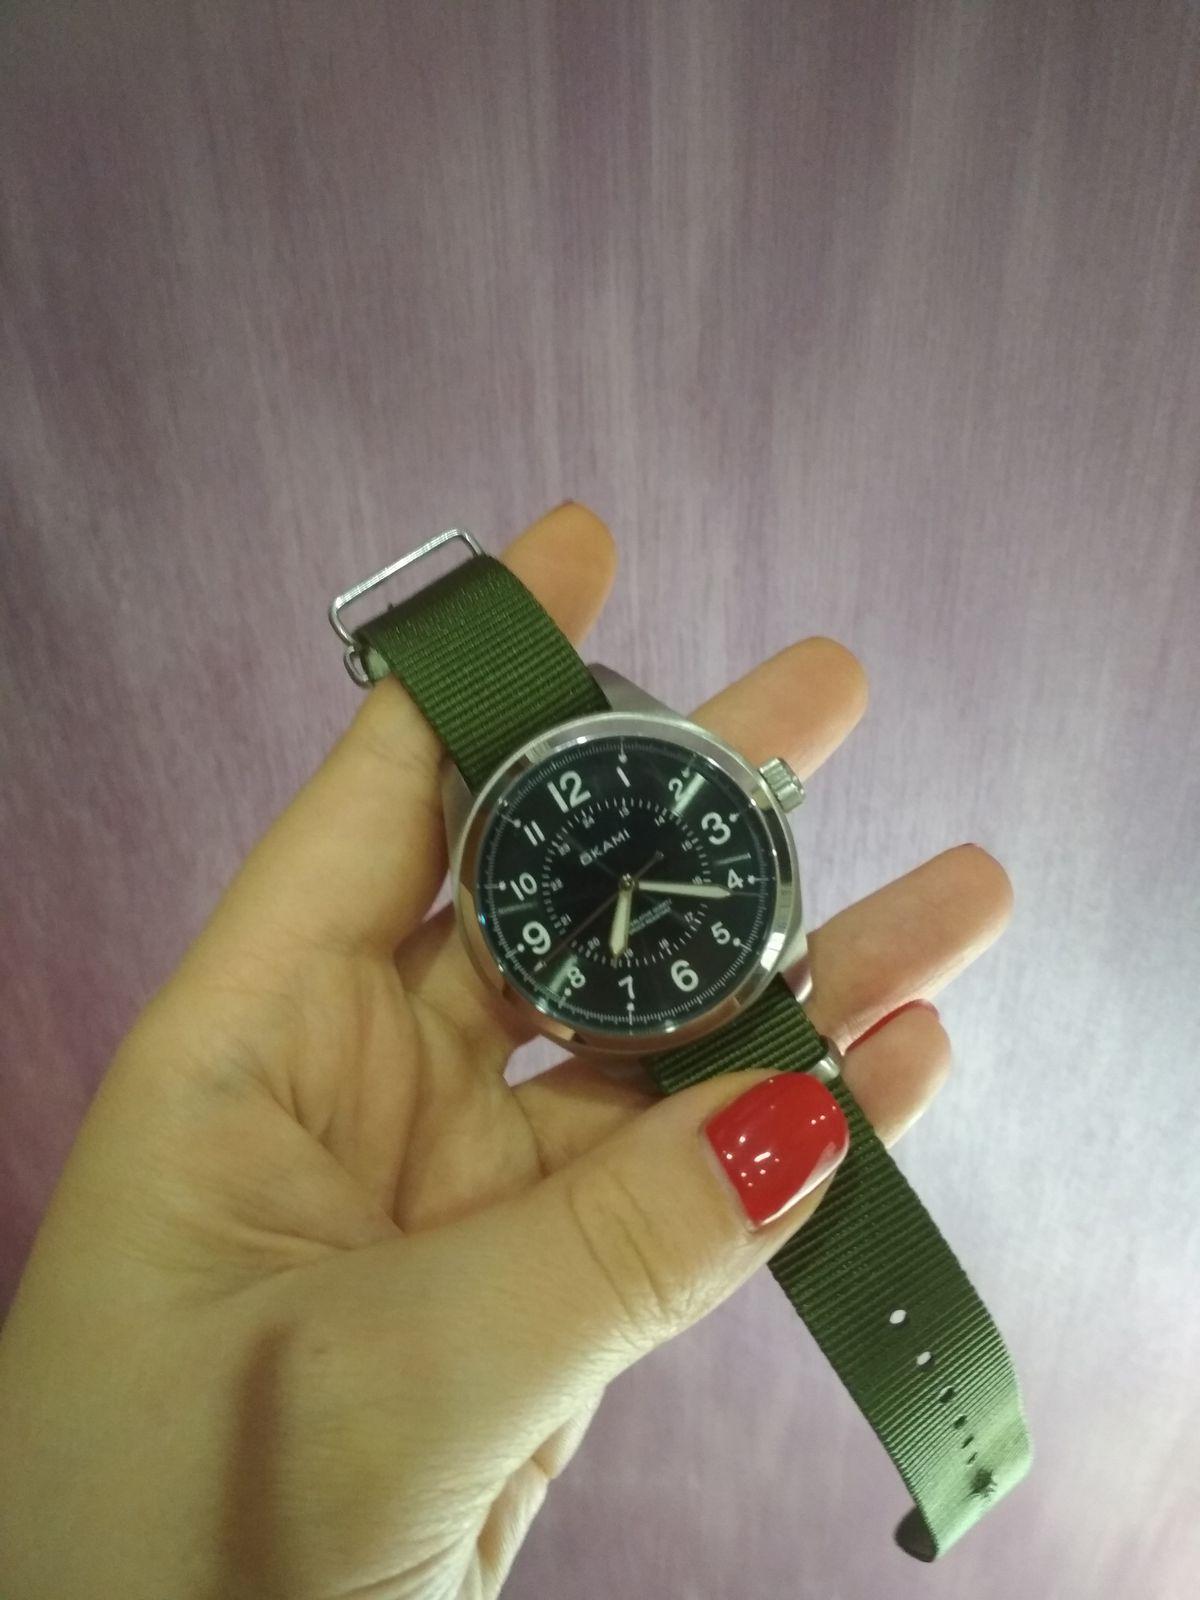 Часы мужу в подарок на 23 февраля!